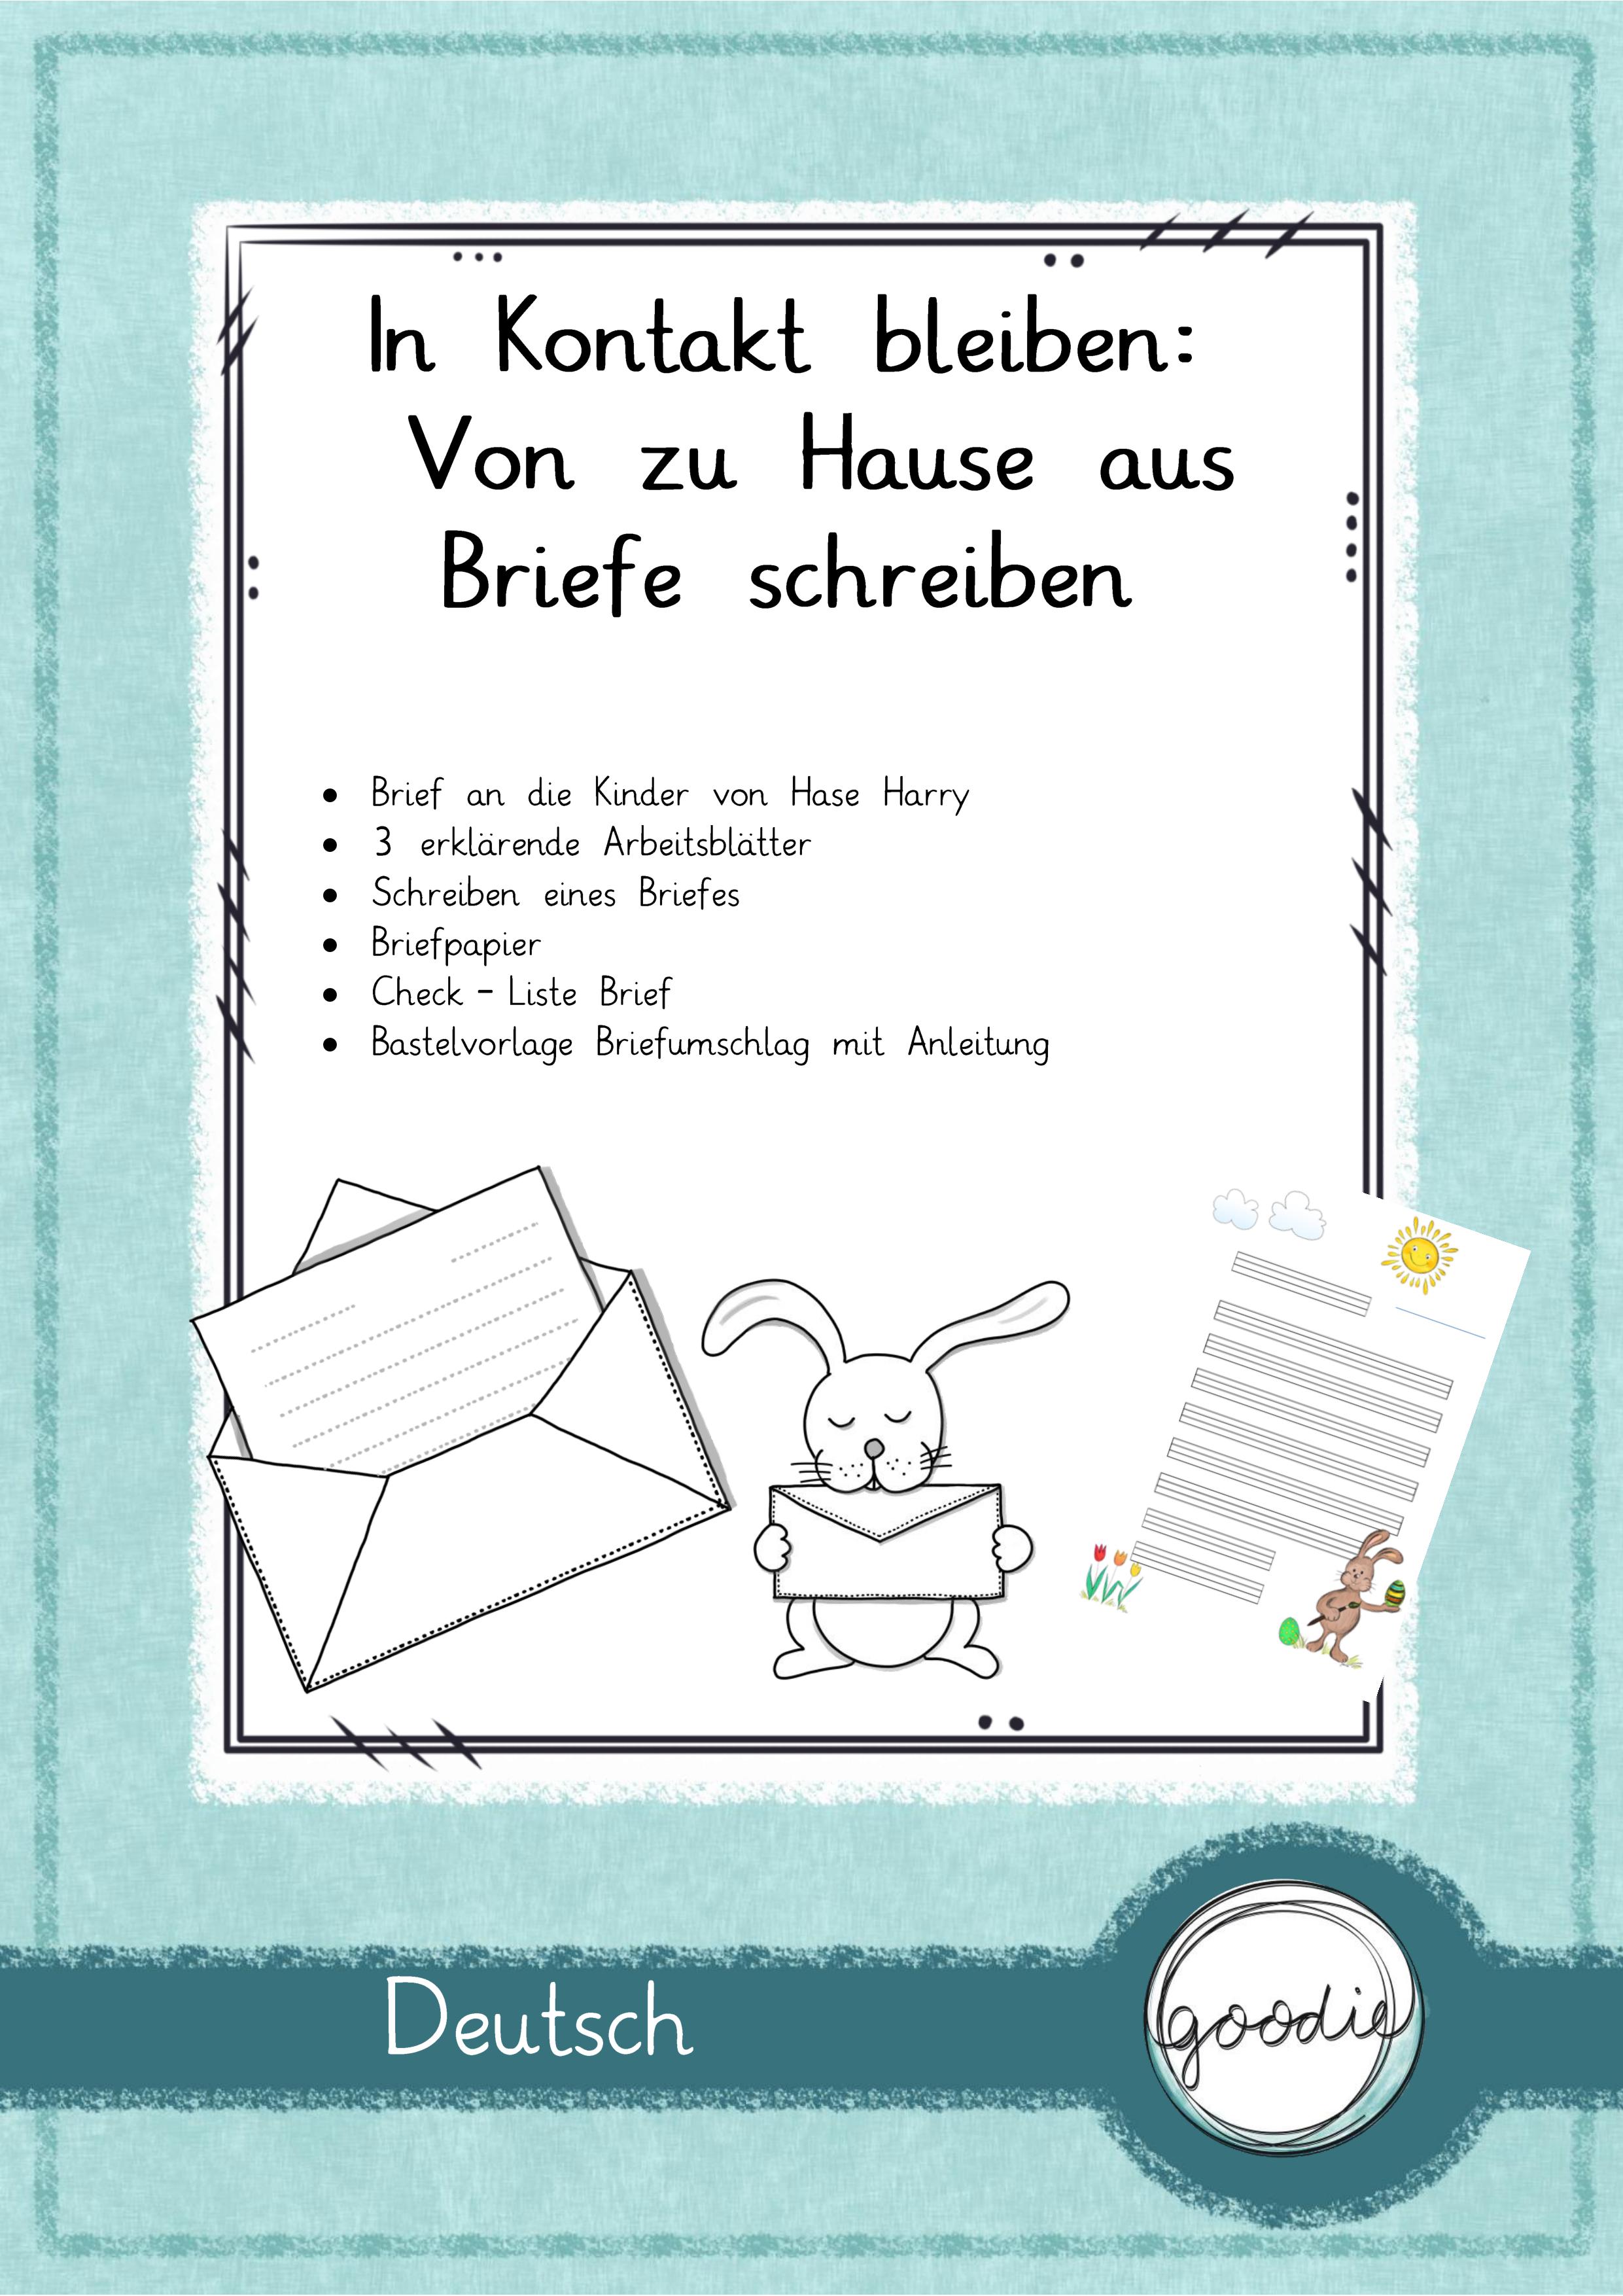 In Kontakt Bleiben Zu Hause Briefe Schreiben Unterrichtsmaterial In Den Fachern Deutsch Englisch Fachubergreifendes Briefe Schreiben Brief Schreiben Grundschule Briefe